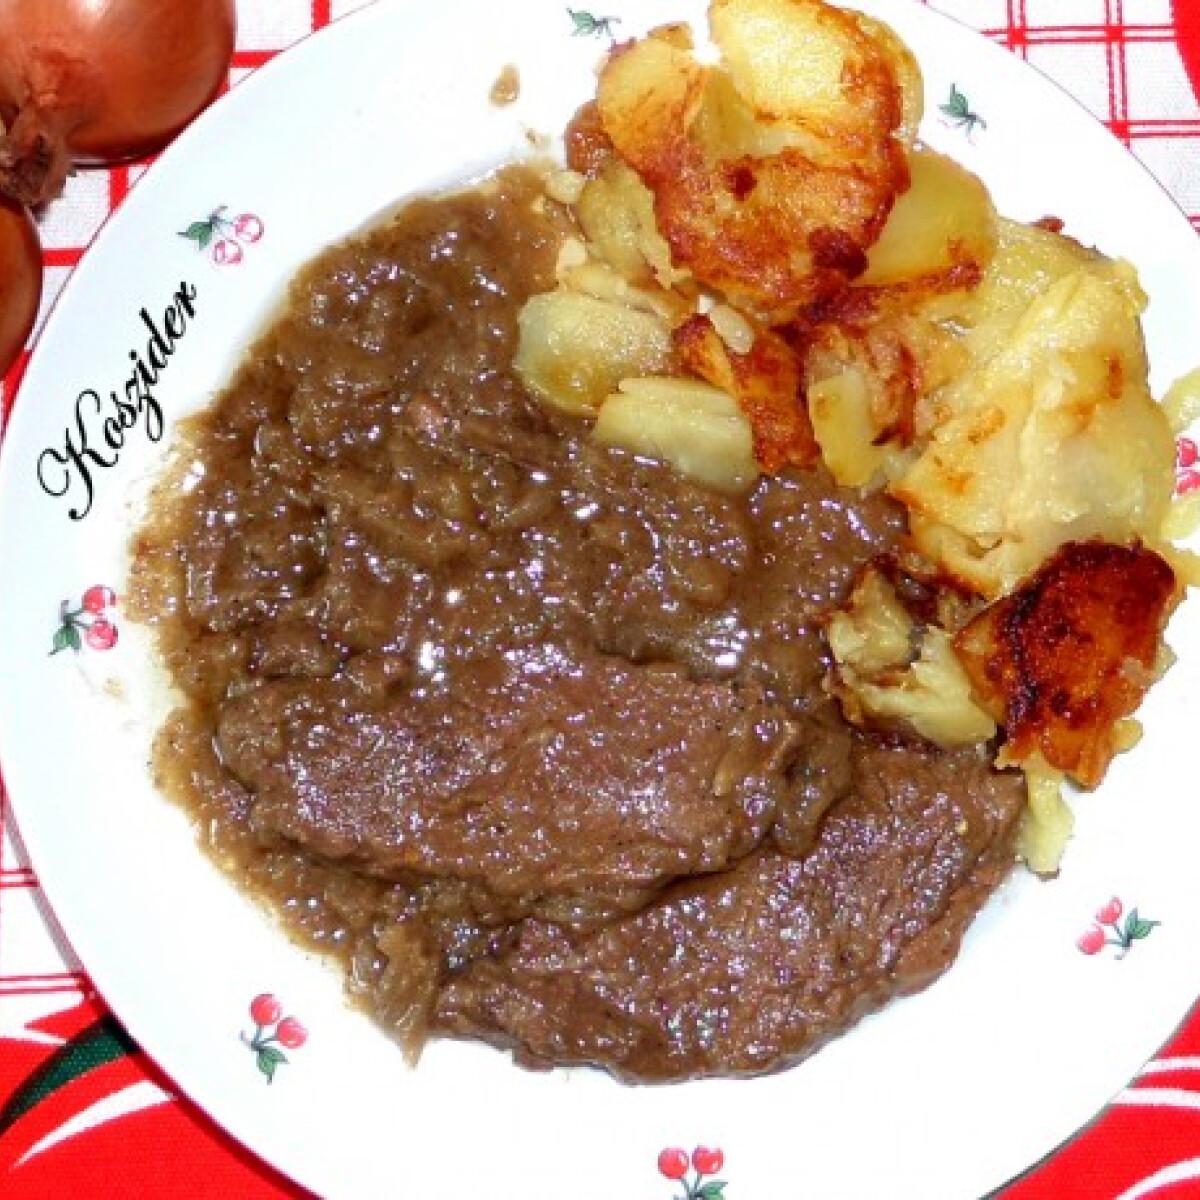 Hagymás marhaszelet Koszider konyhájából